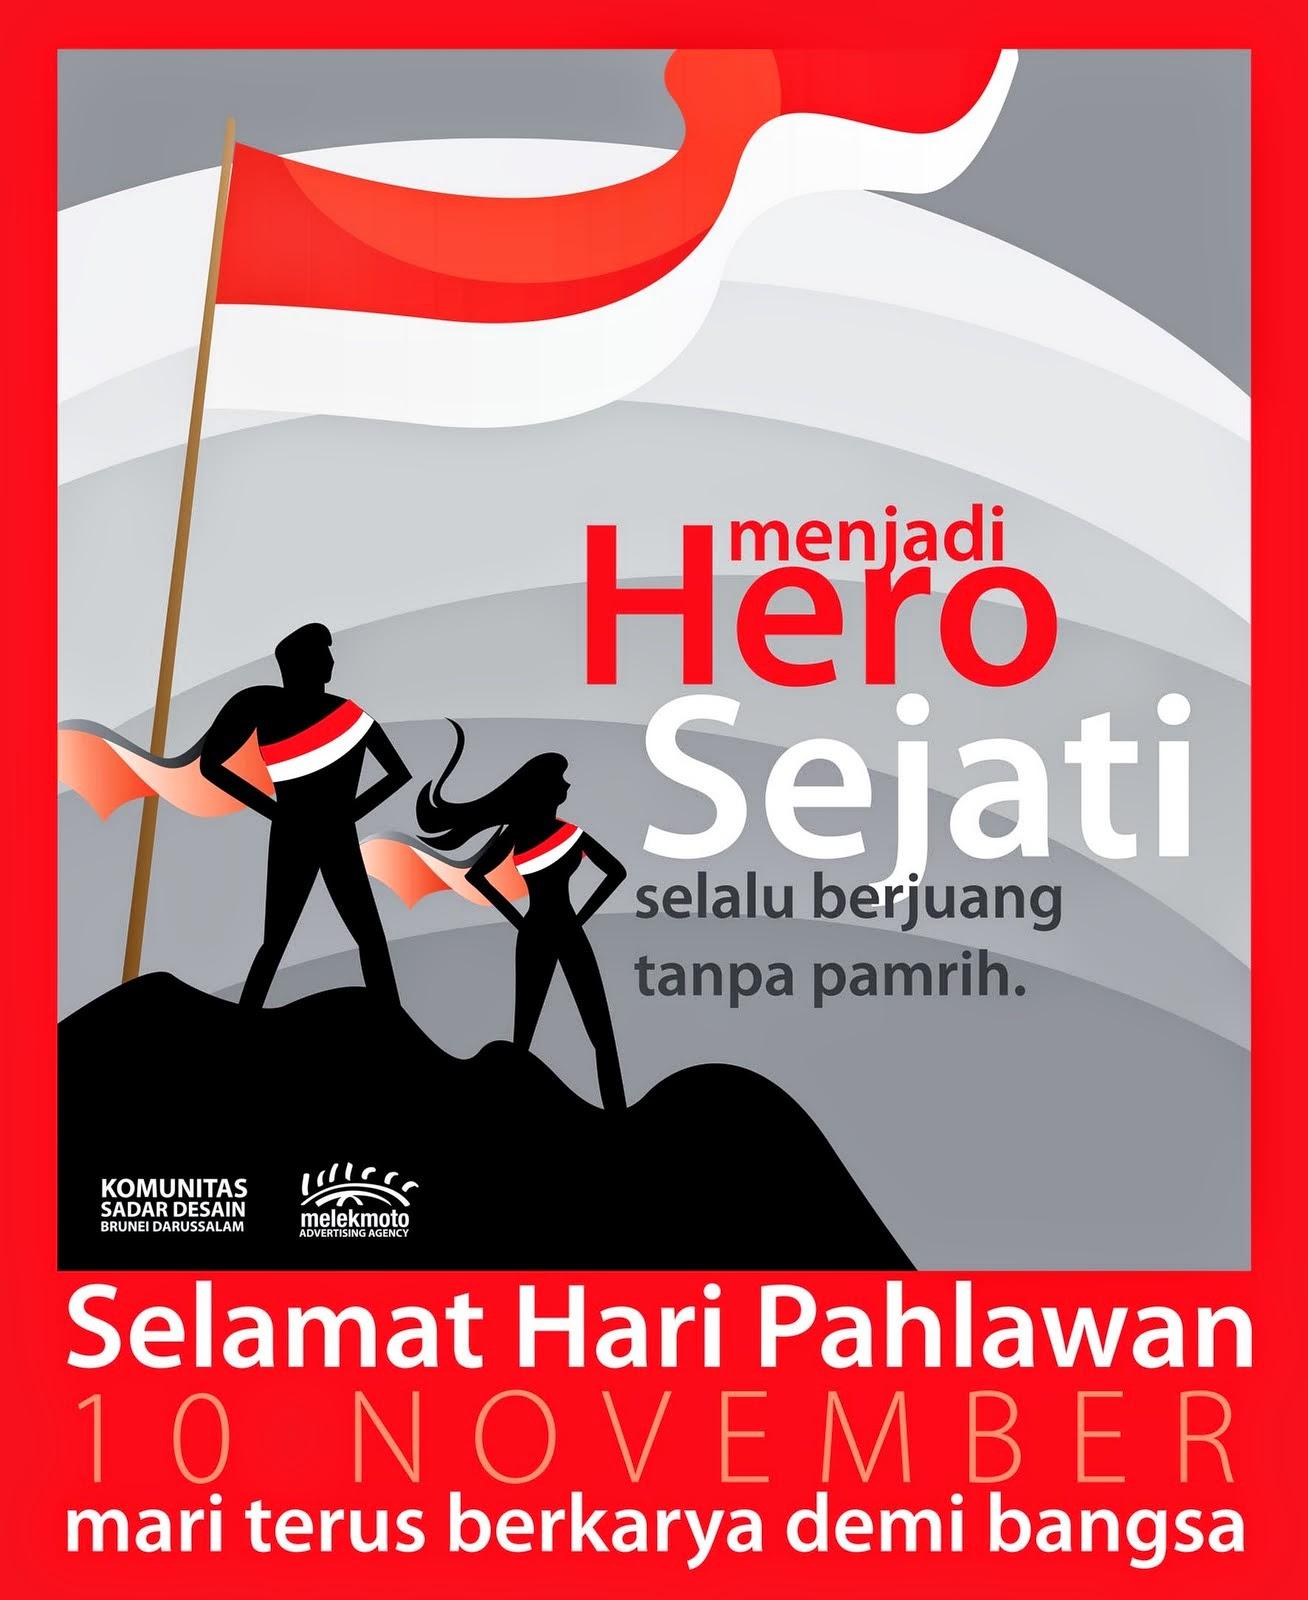 BBM BERGAMBAR Kumpulan Gambar Dp Bbm Hari Pahlawan Terbaru 2015